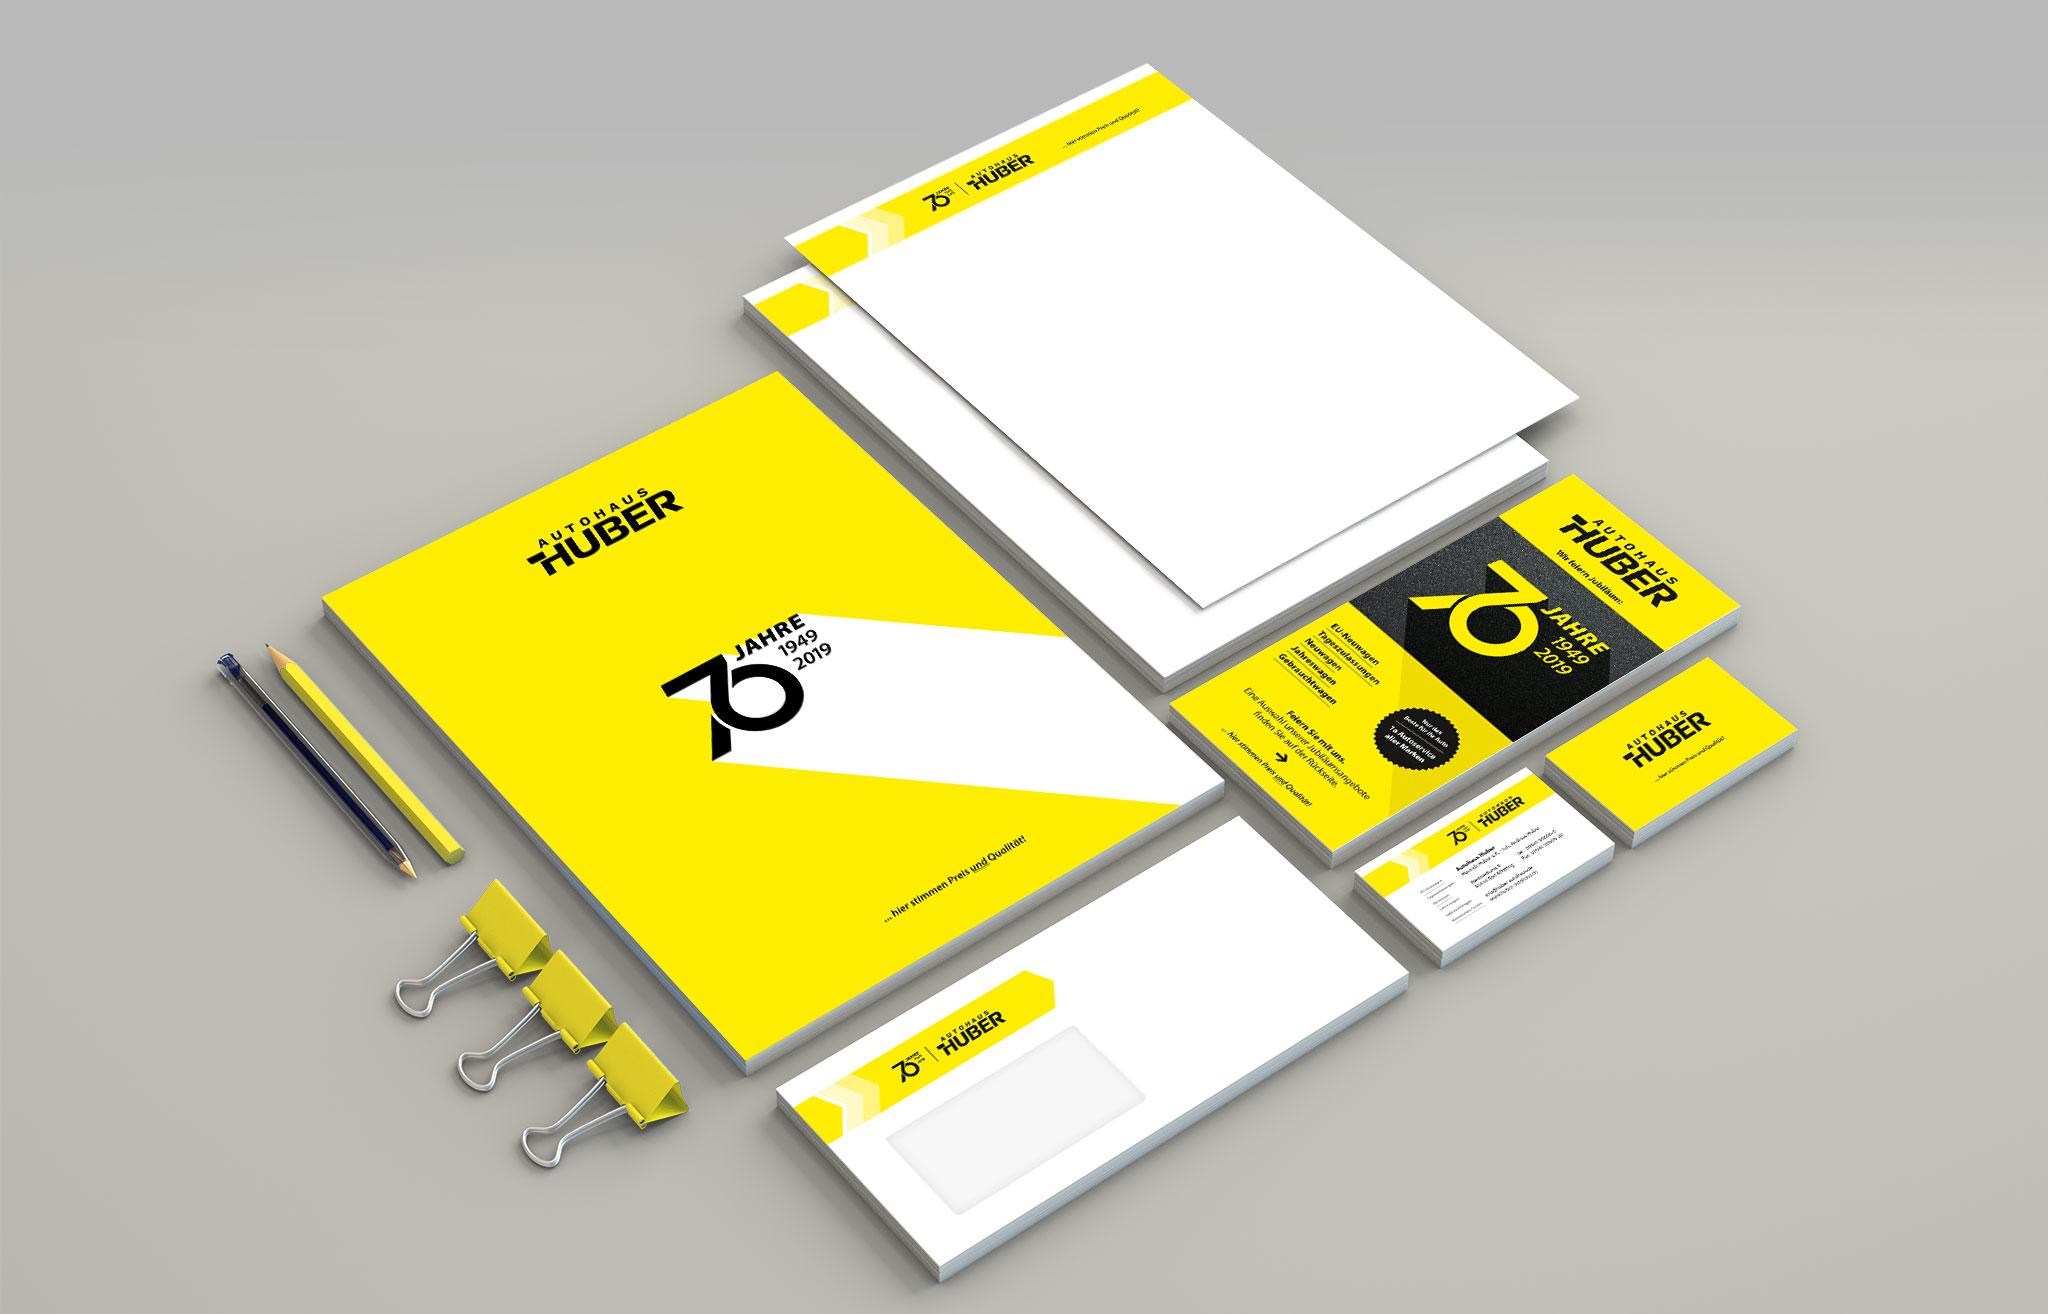 Autohaus Huber Corporate Design   Agentur Ritter